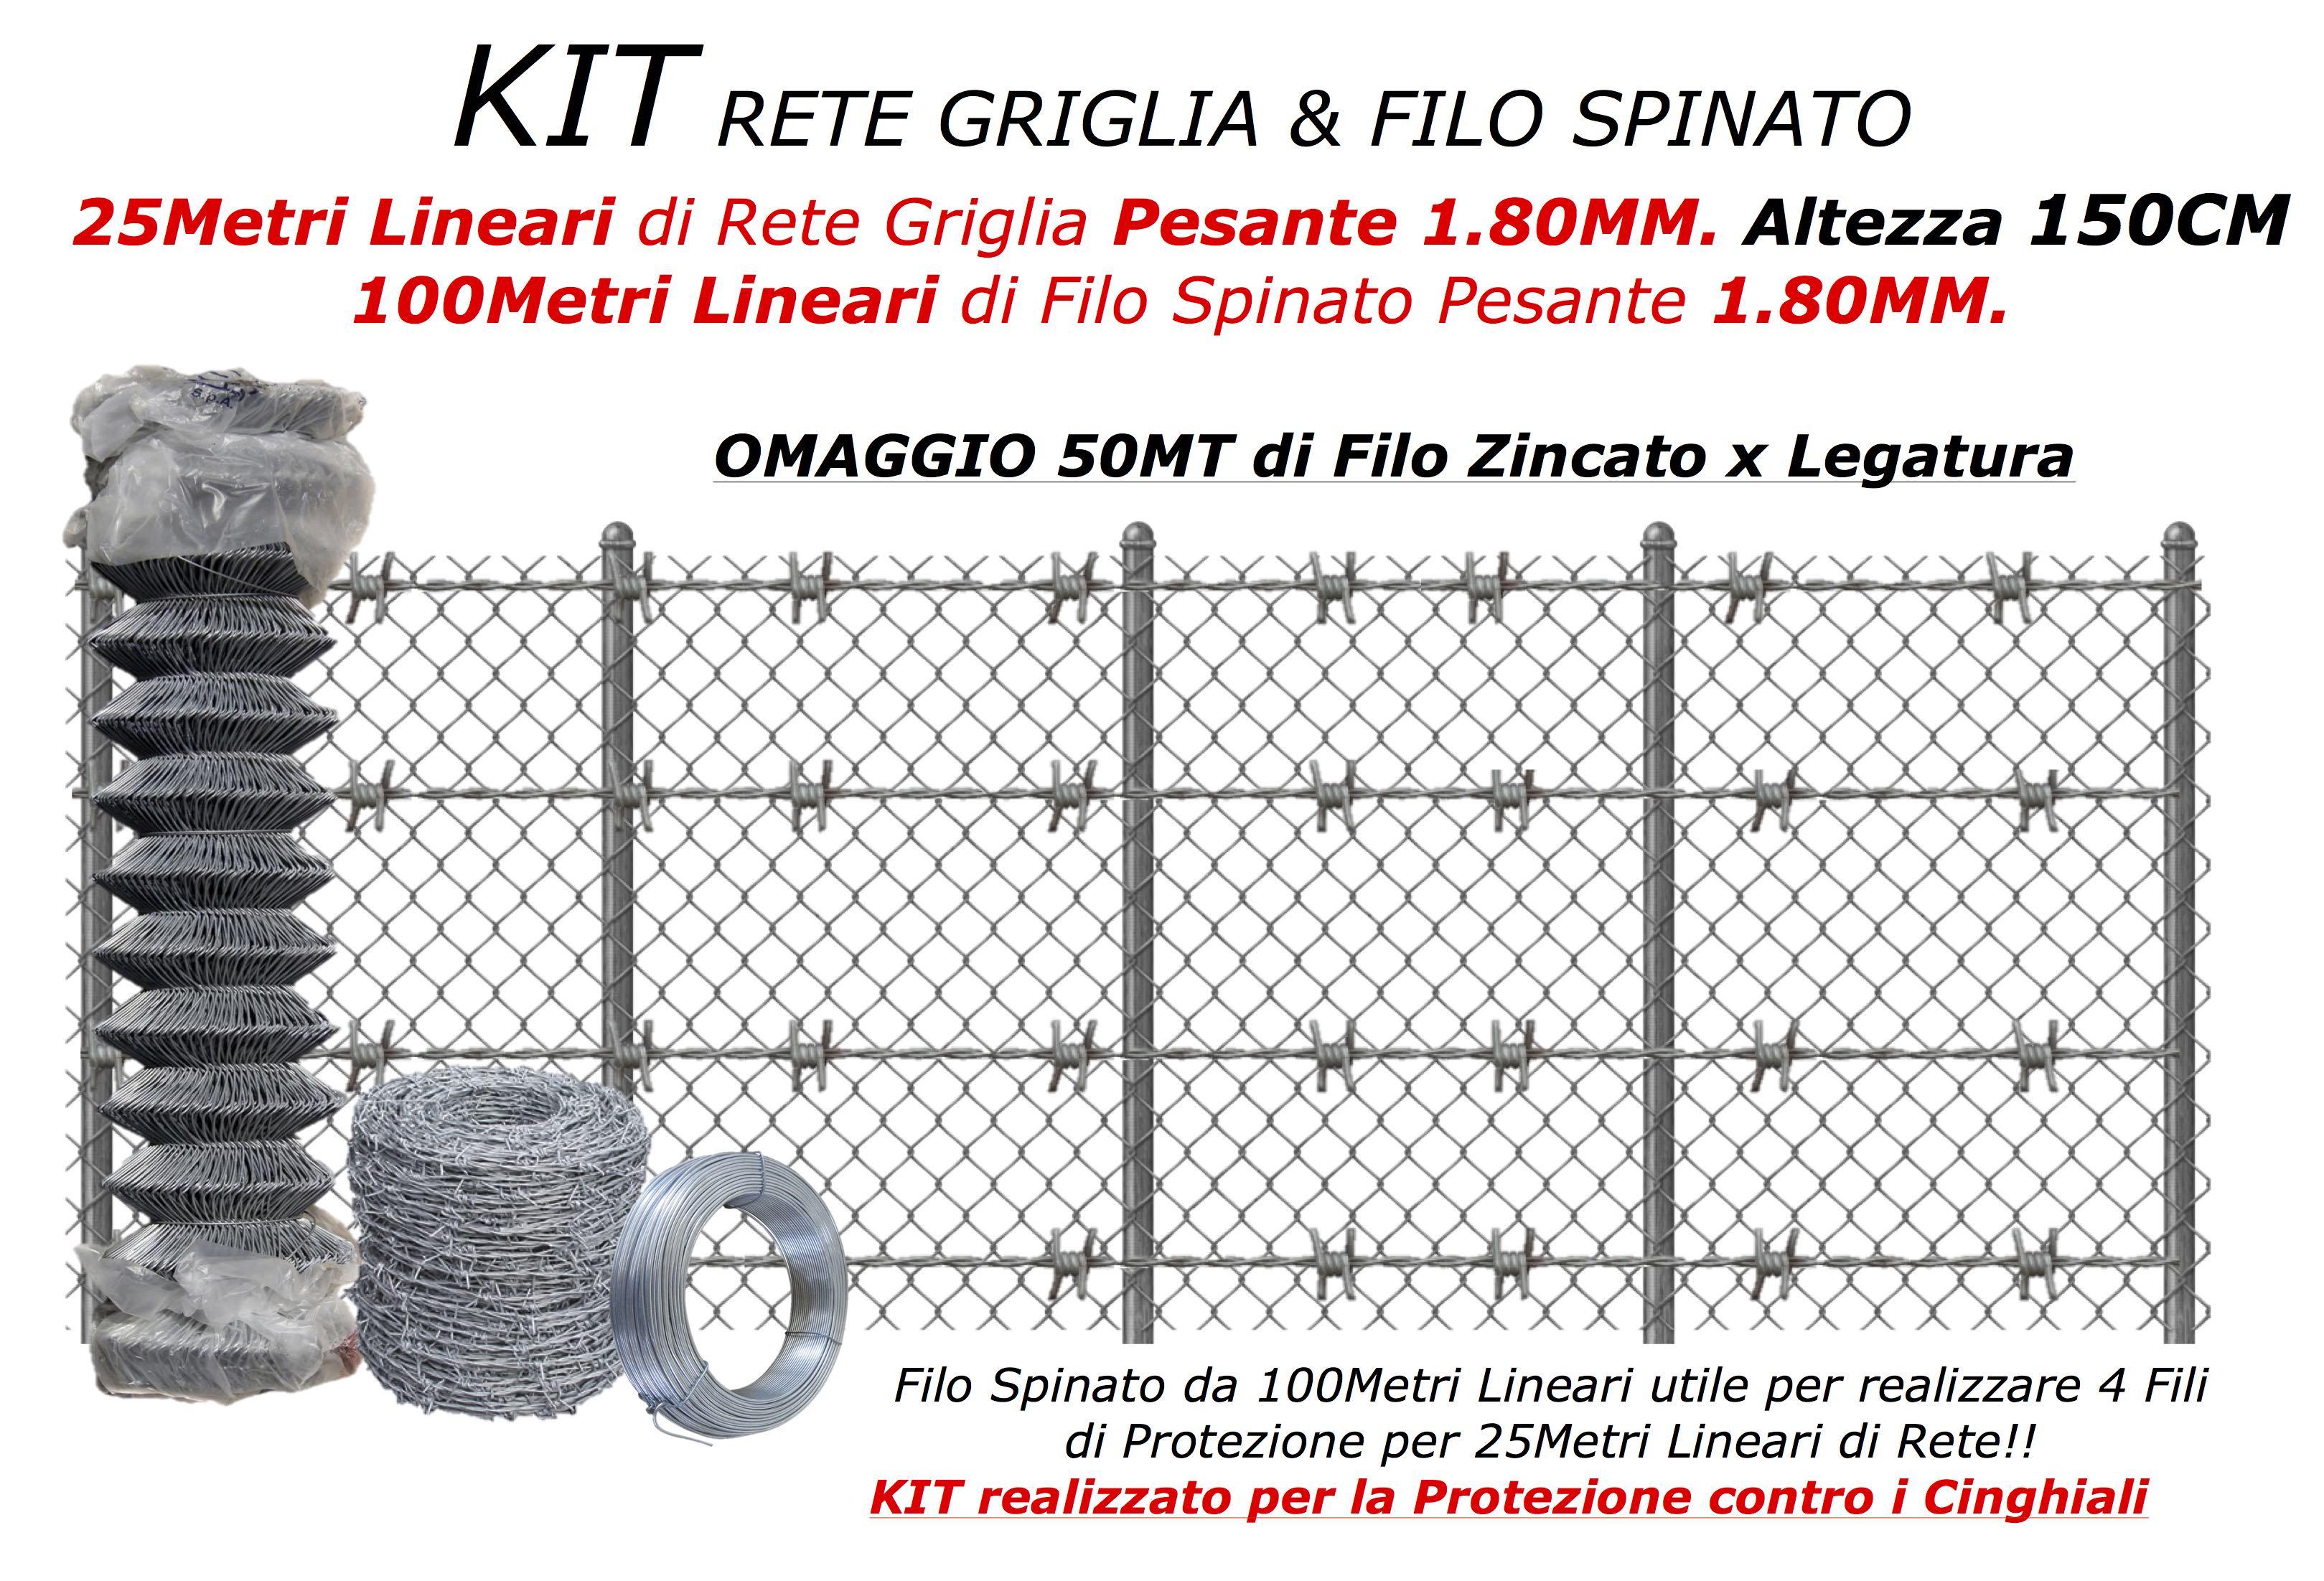 kit rete griglia e filo spinato